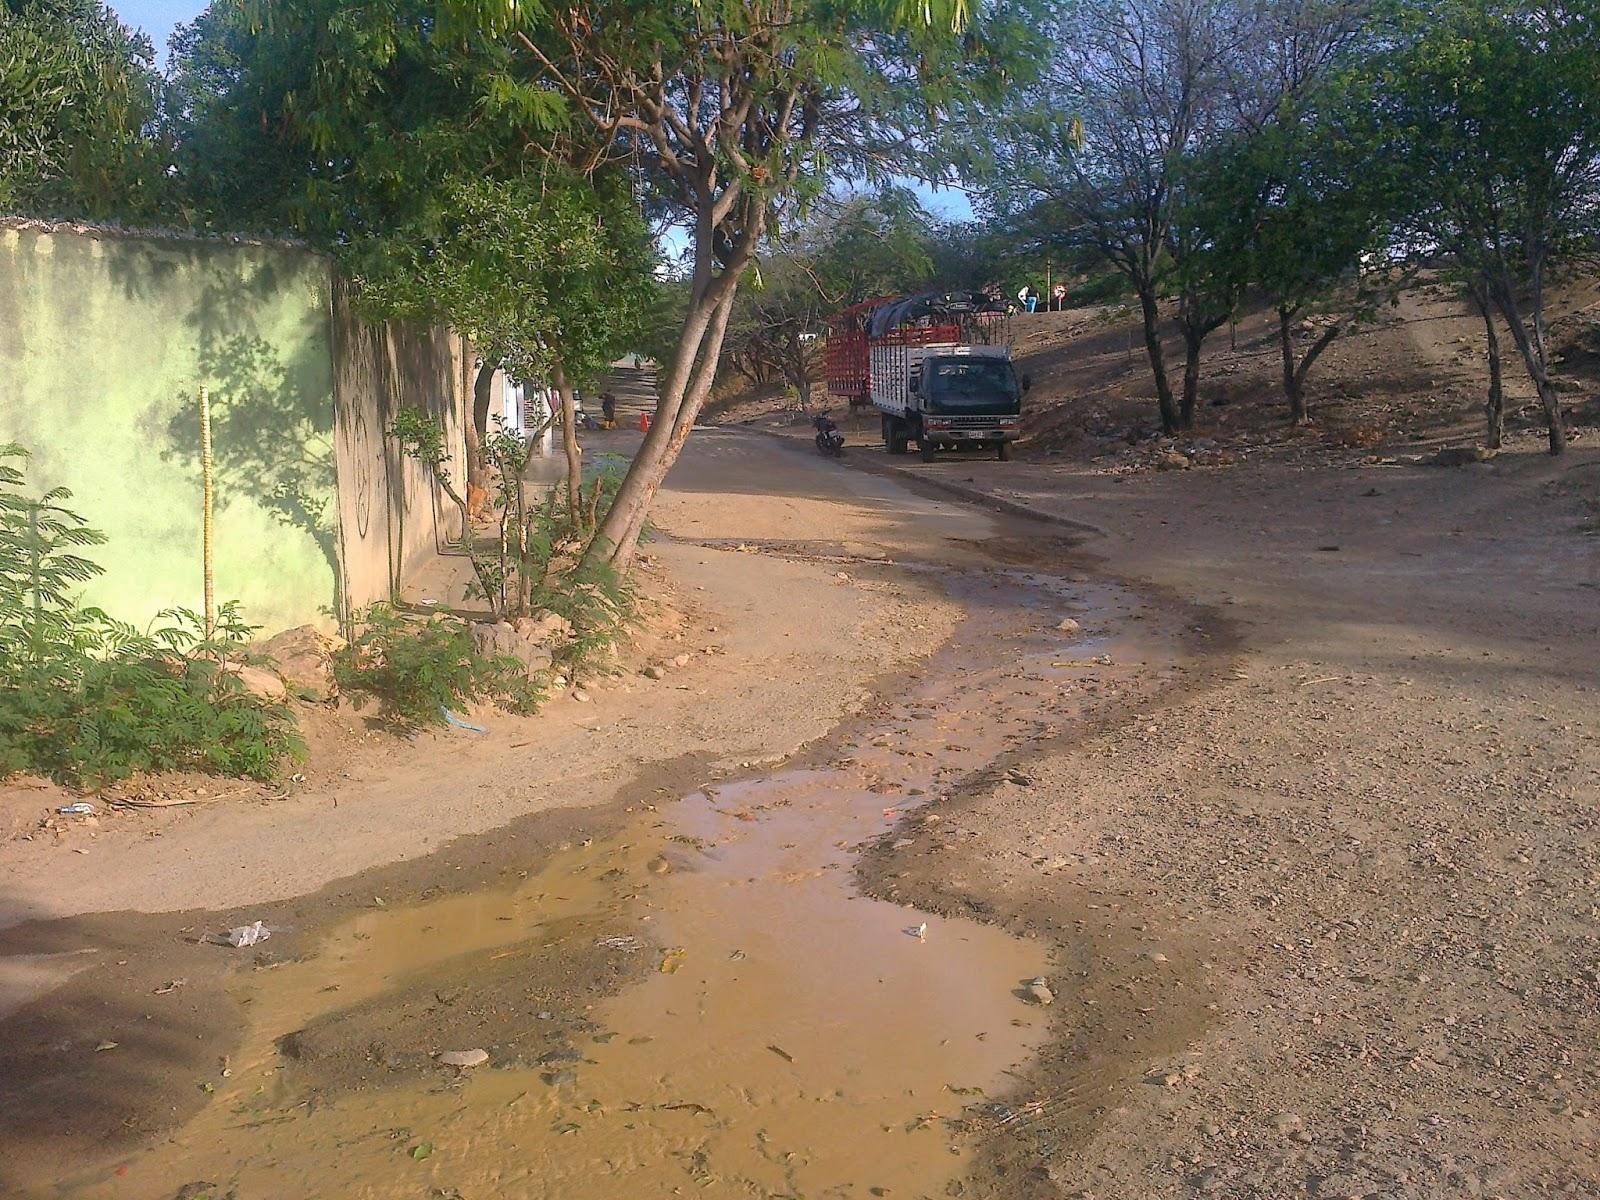 Llega la cuadrilla de #AguasKpitalCúcuta a reparar bote de agua en #EcoparqueDivinoNiño de Chapinero #MovilNOTICIAS